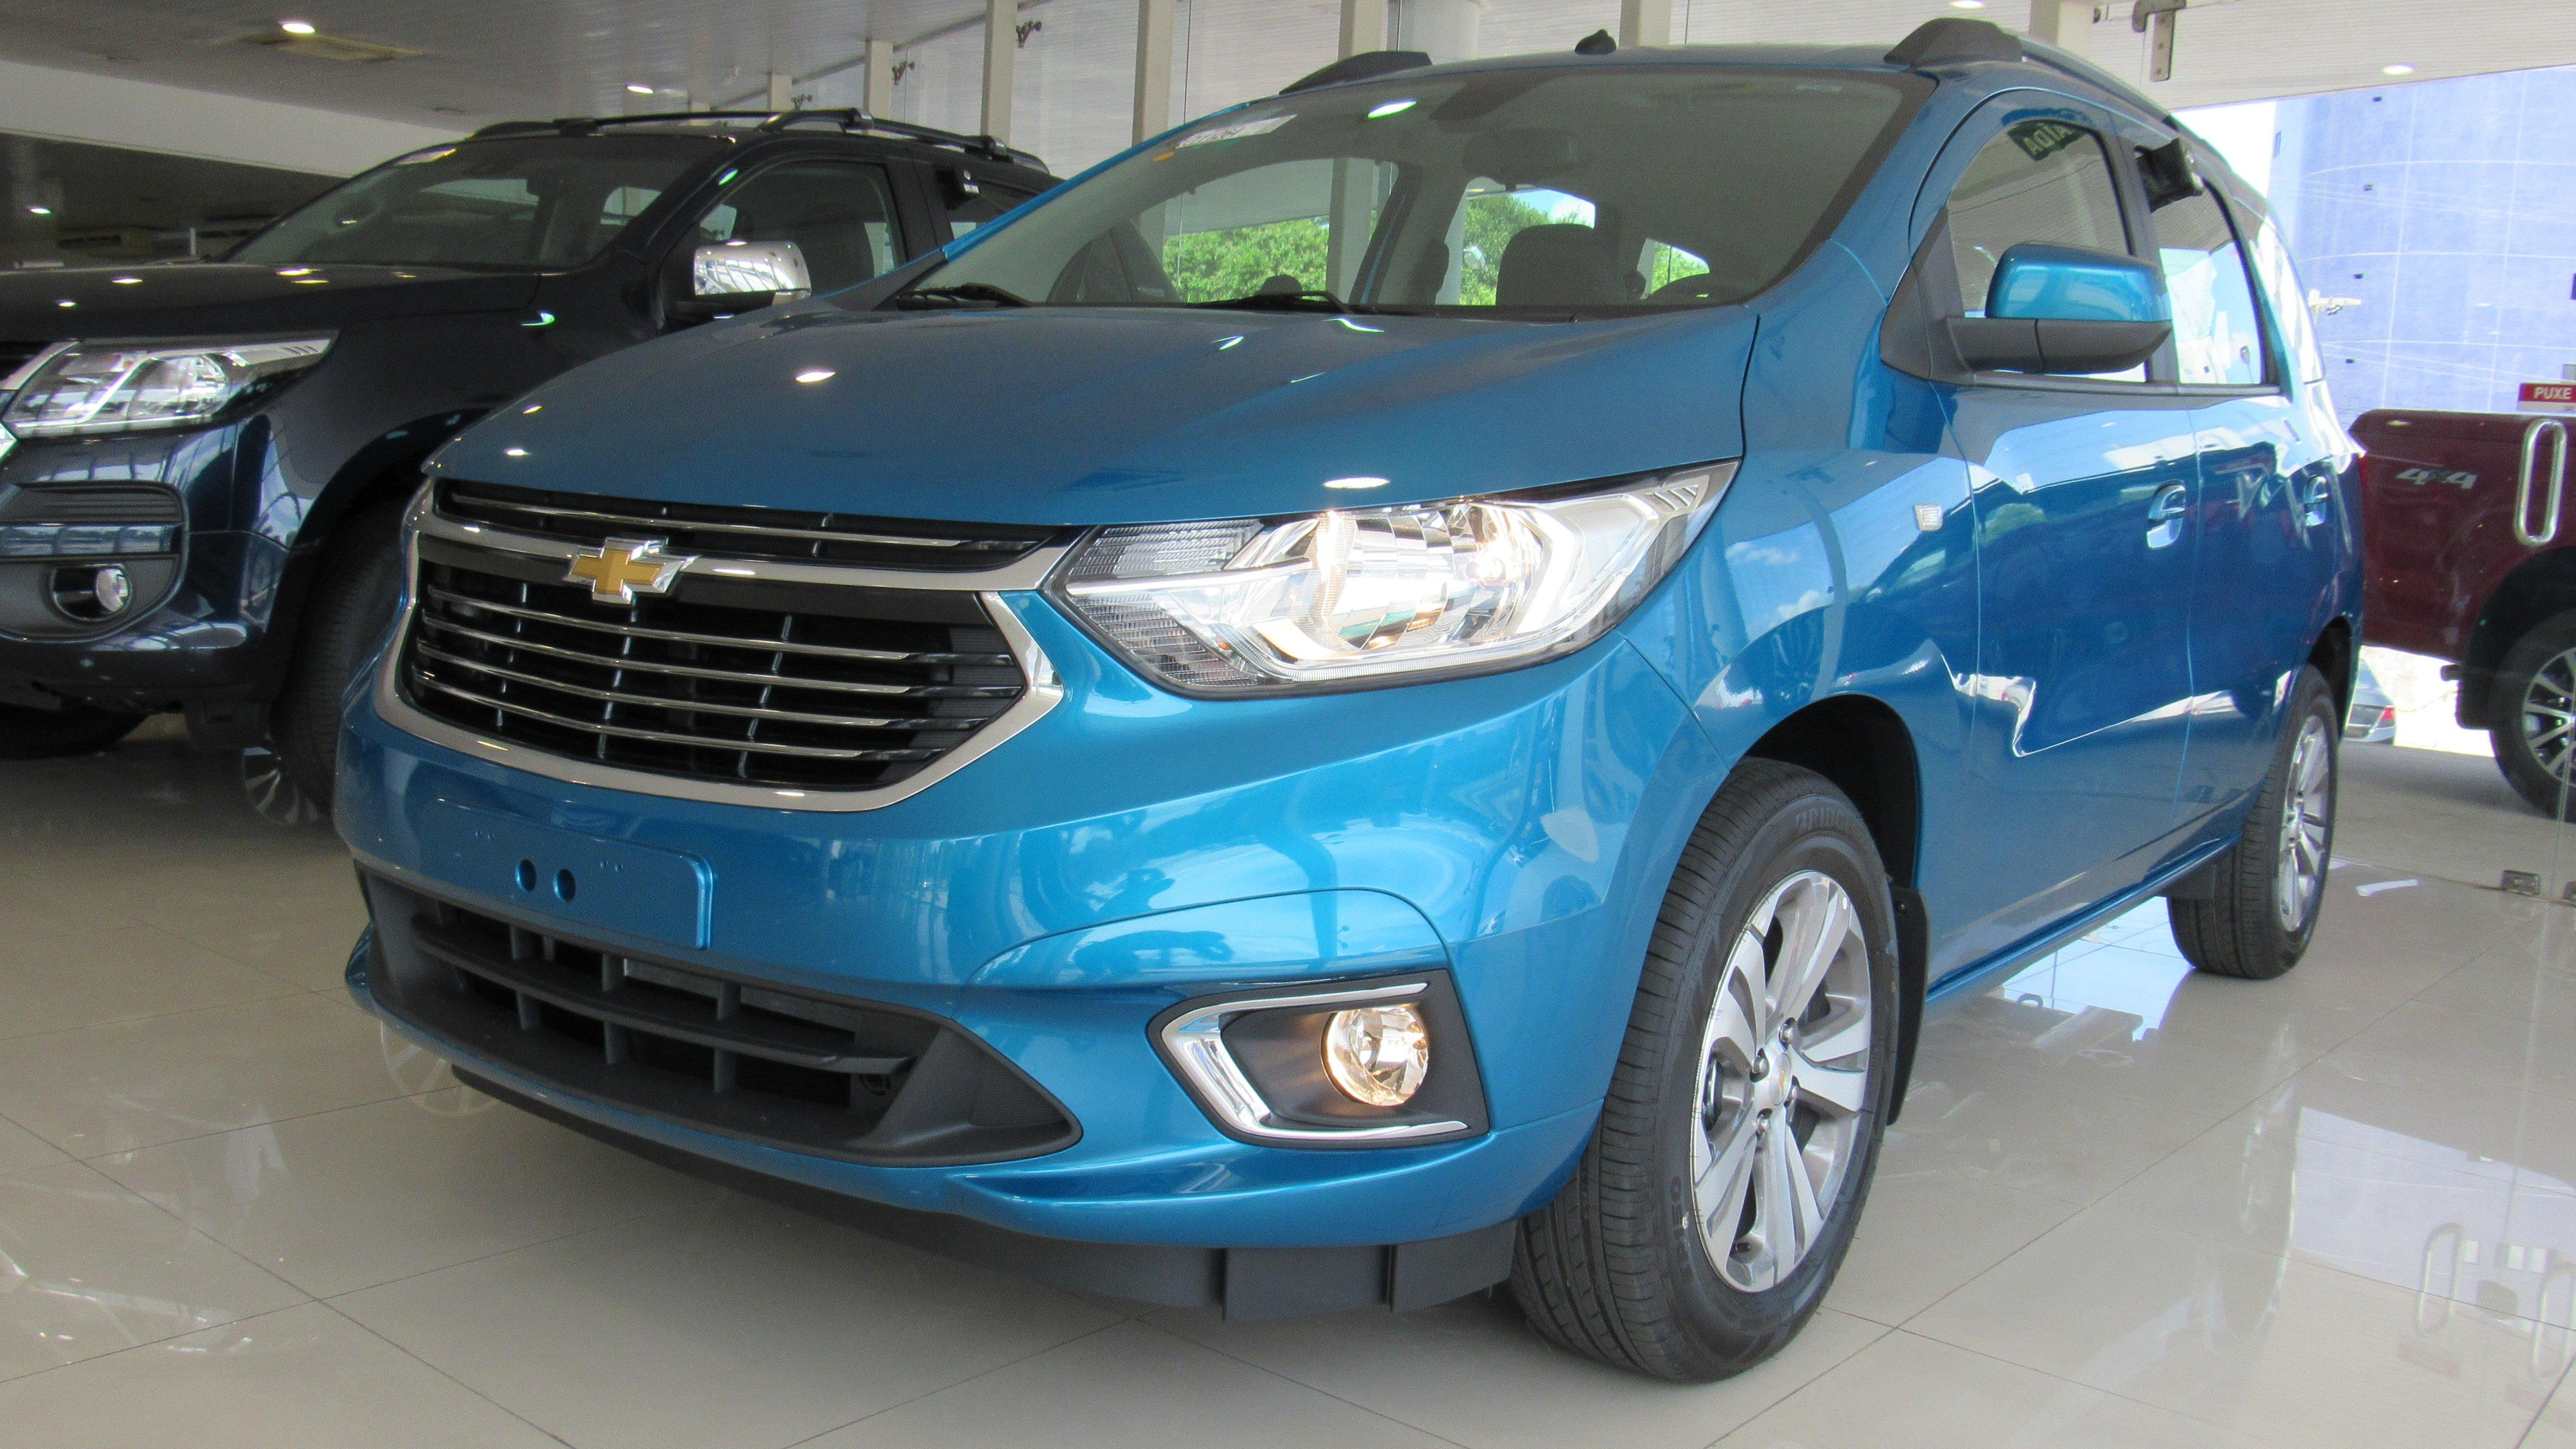 Chevrolet Spin 2019 chega às concessionárias com mais equipamentos e espaço para 7 pessoas